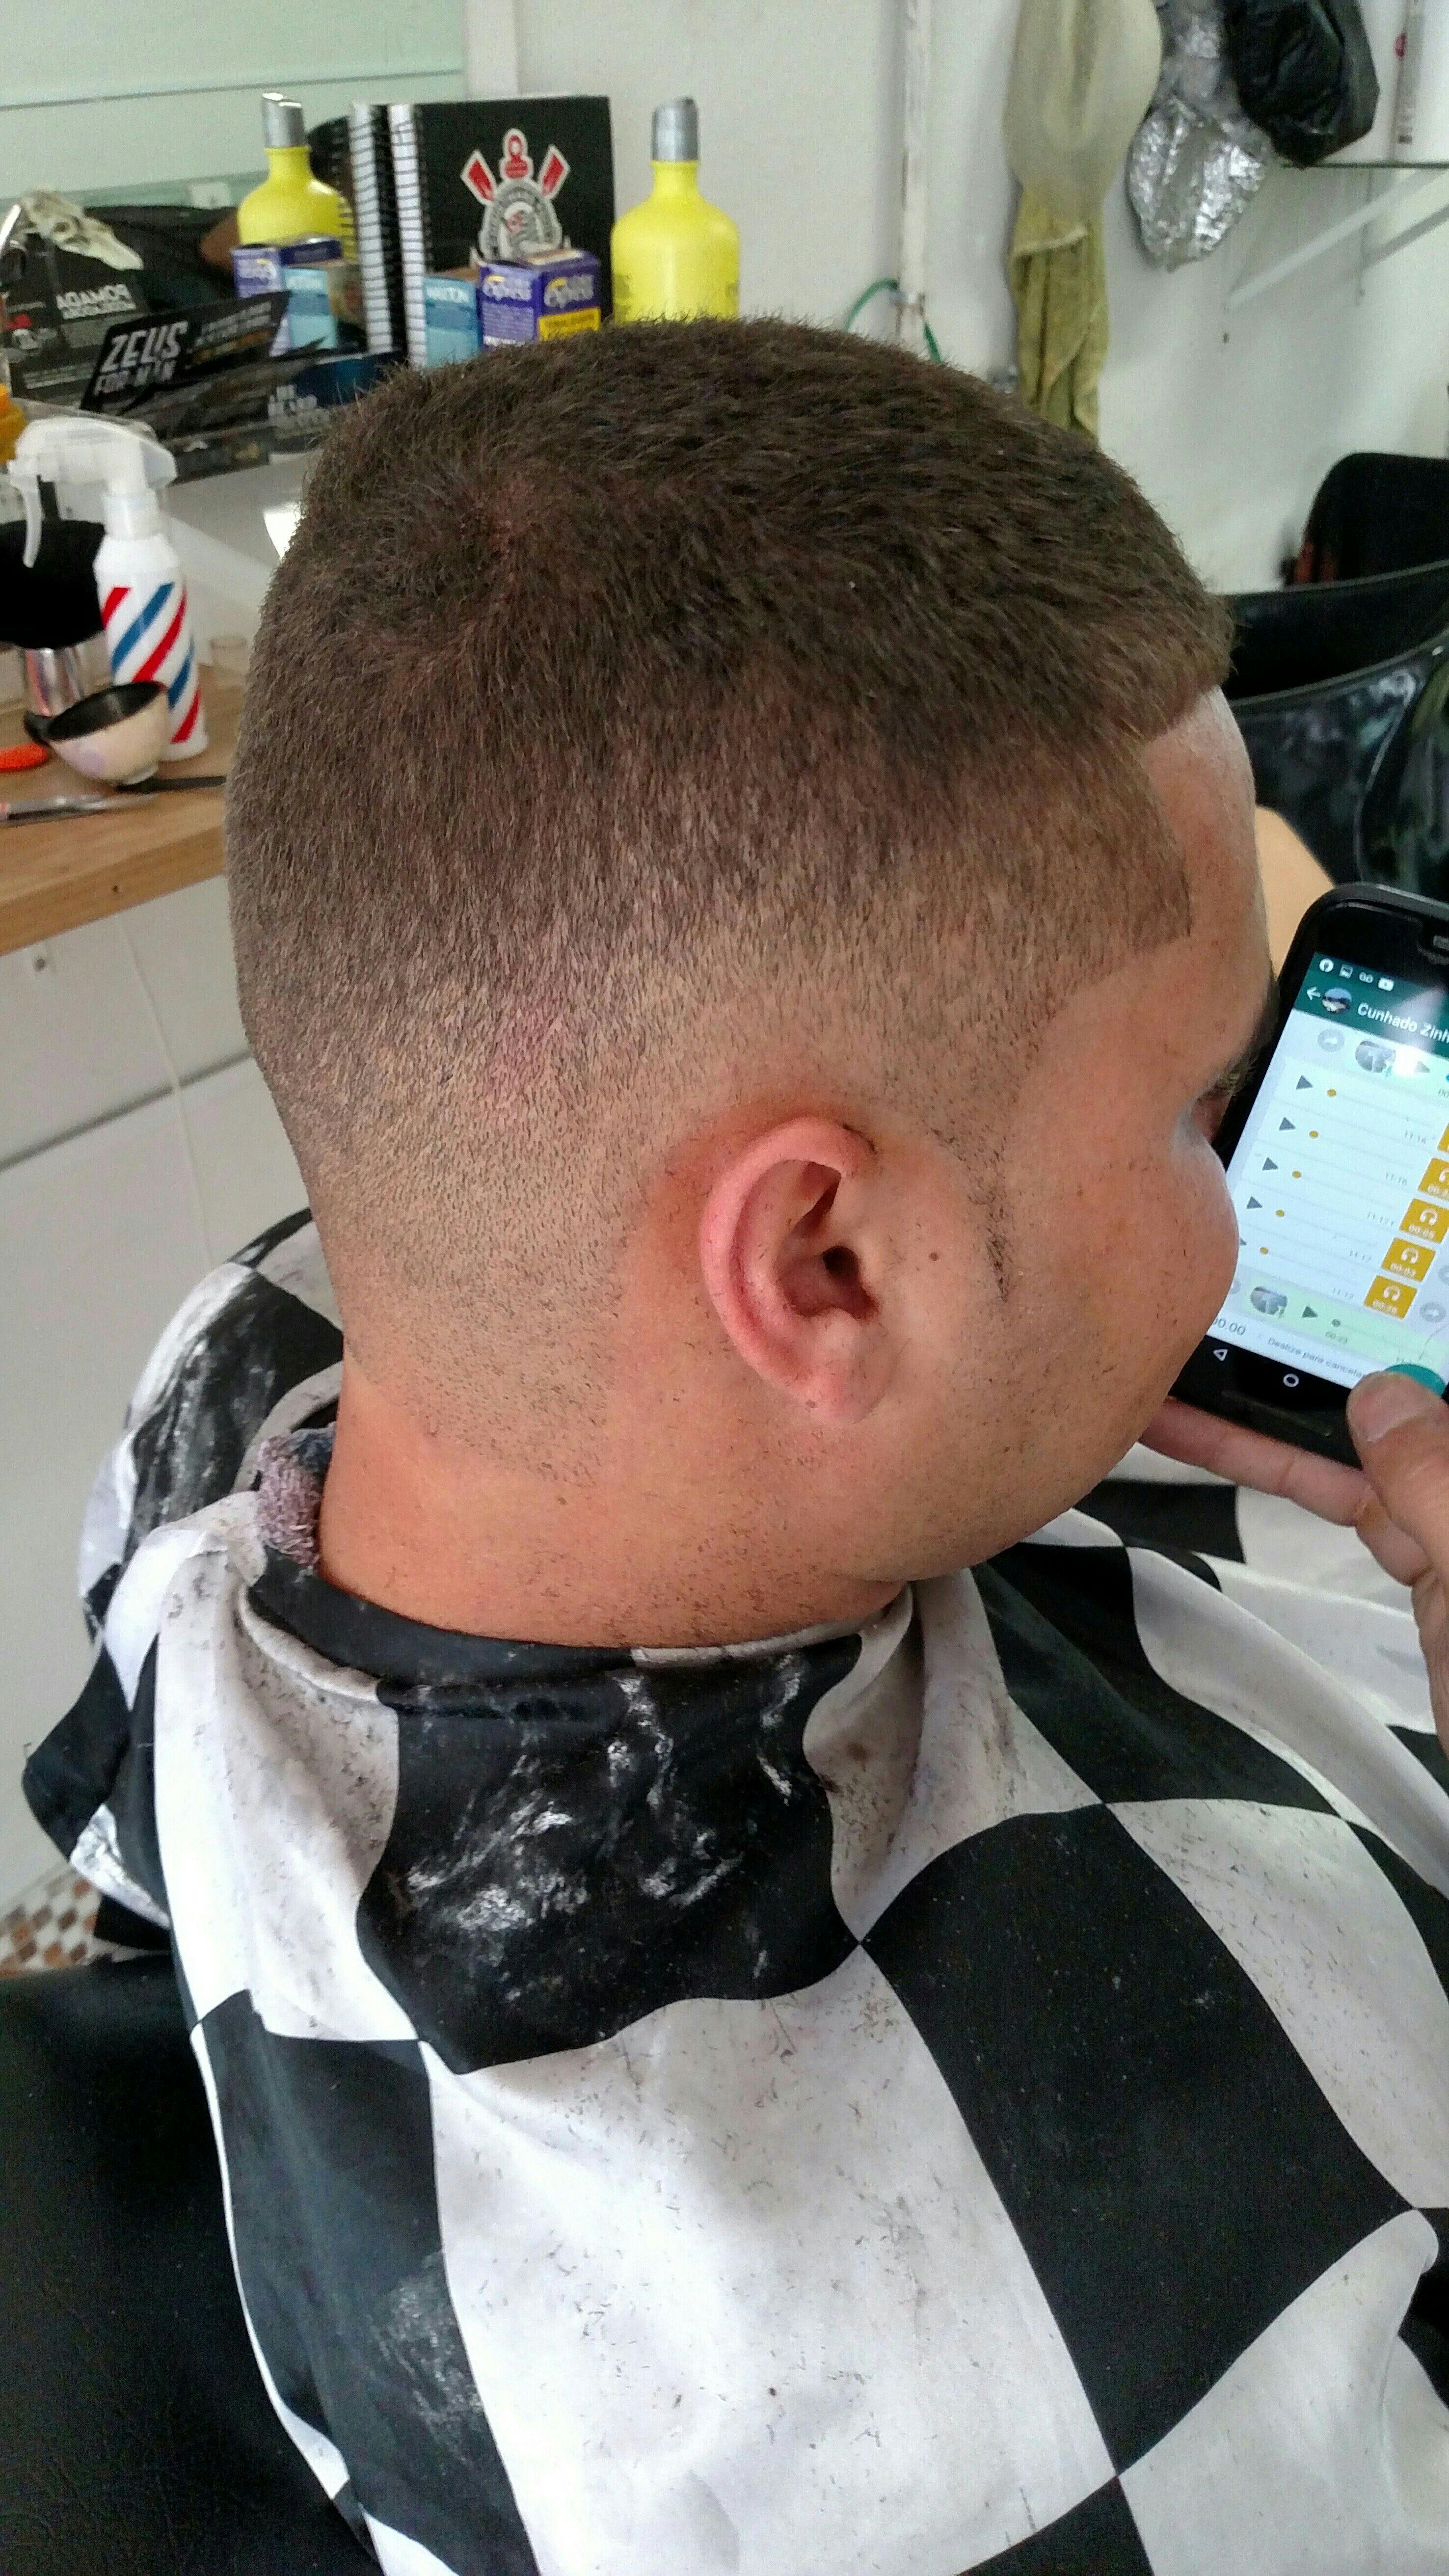 barbeiro(a) auxiliar de limpeza auxiliar cabeleireiro(a)